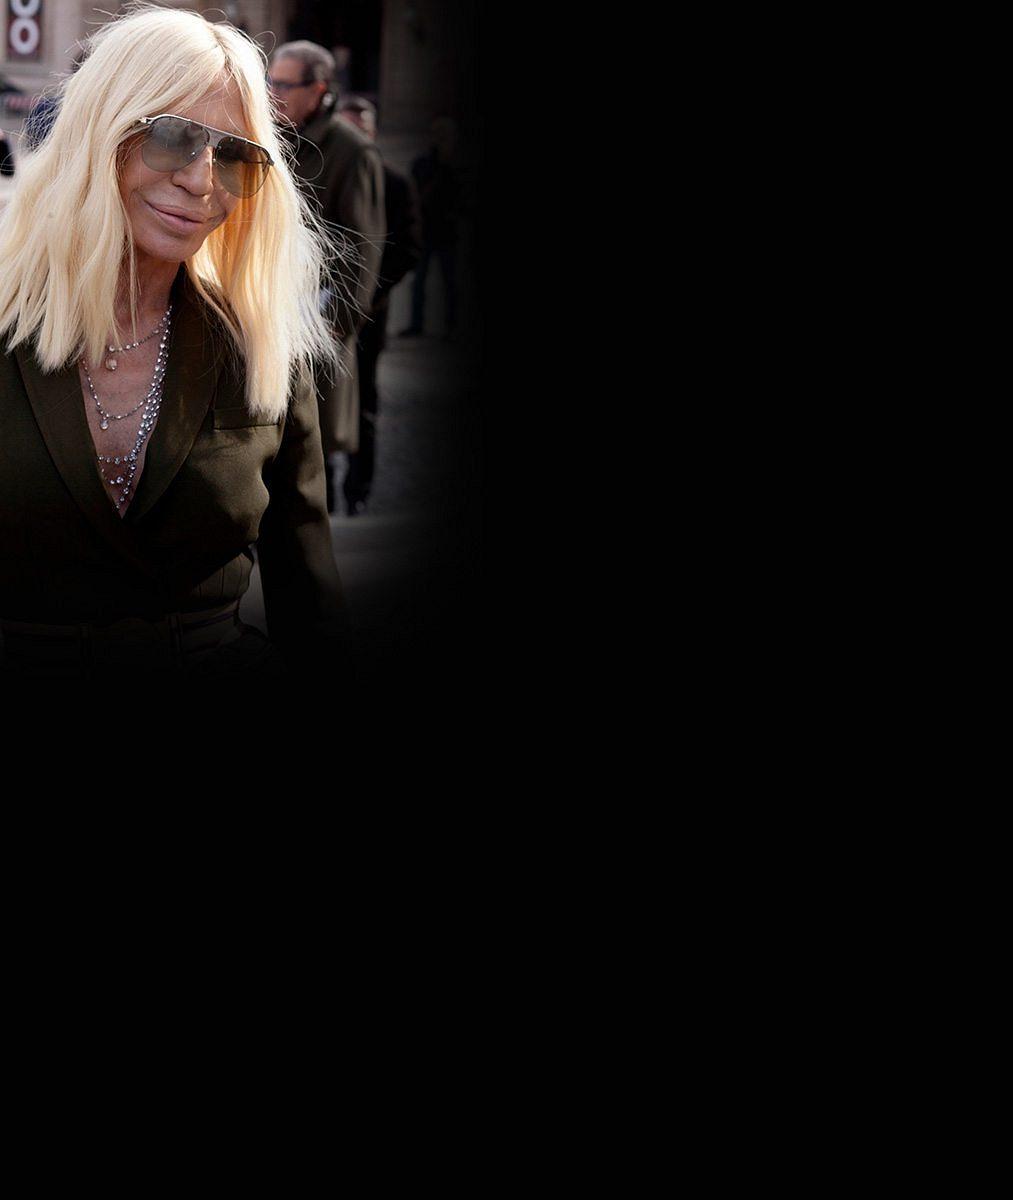 Donatella Versace ukázala v šedesáti své tenké nožky v mini